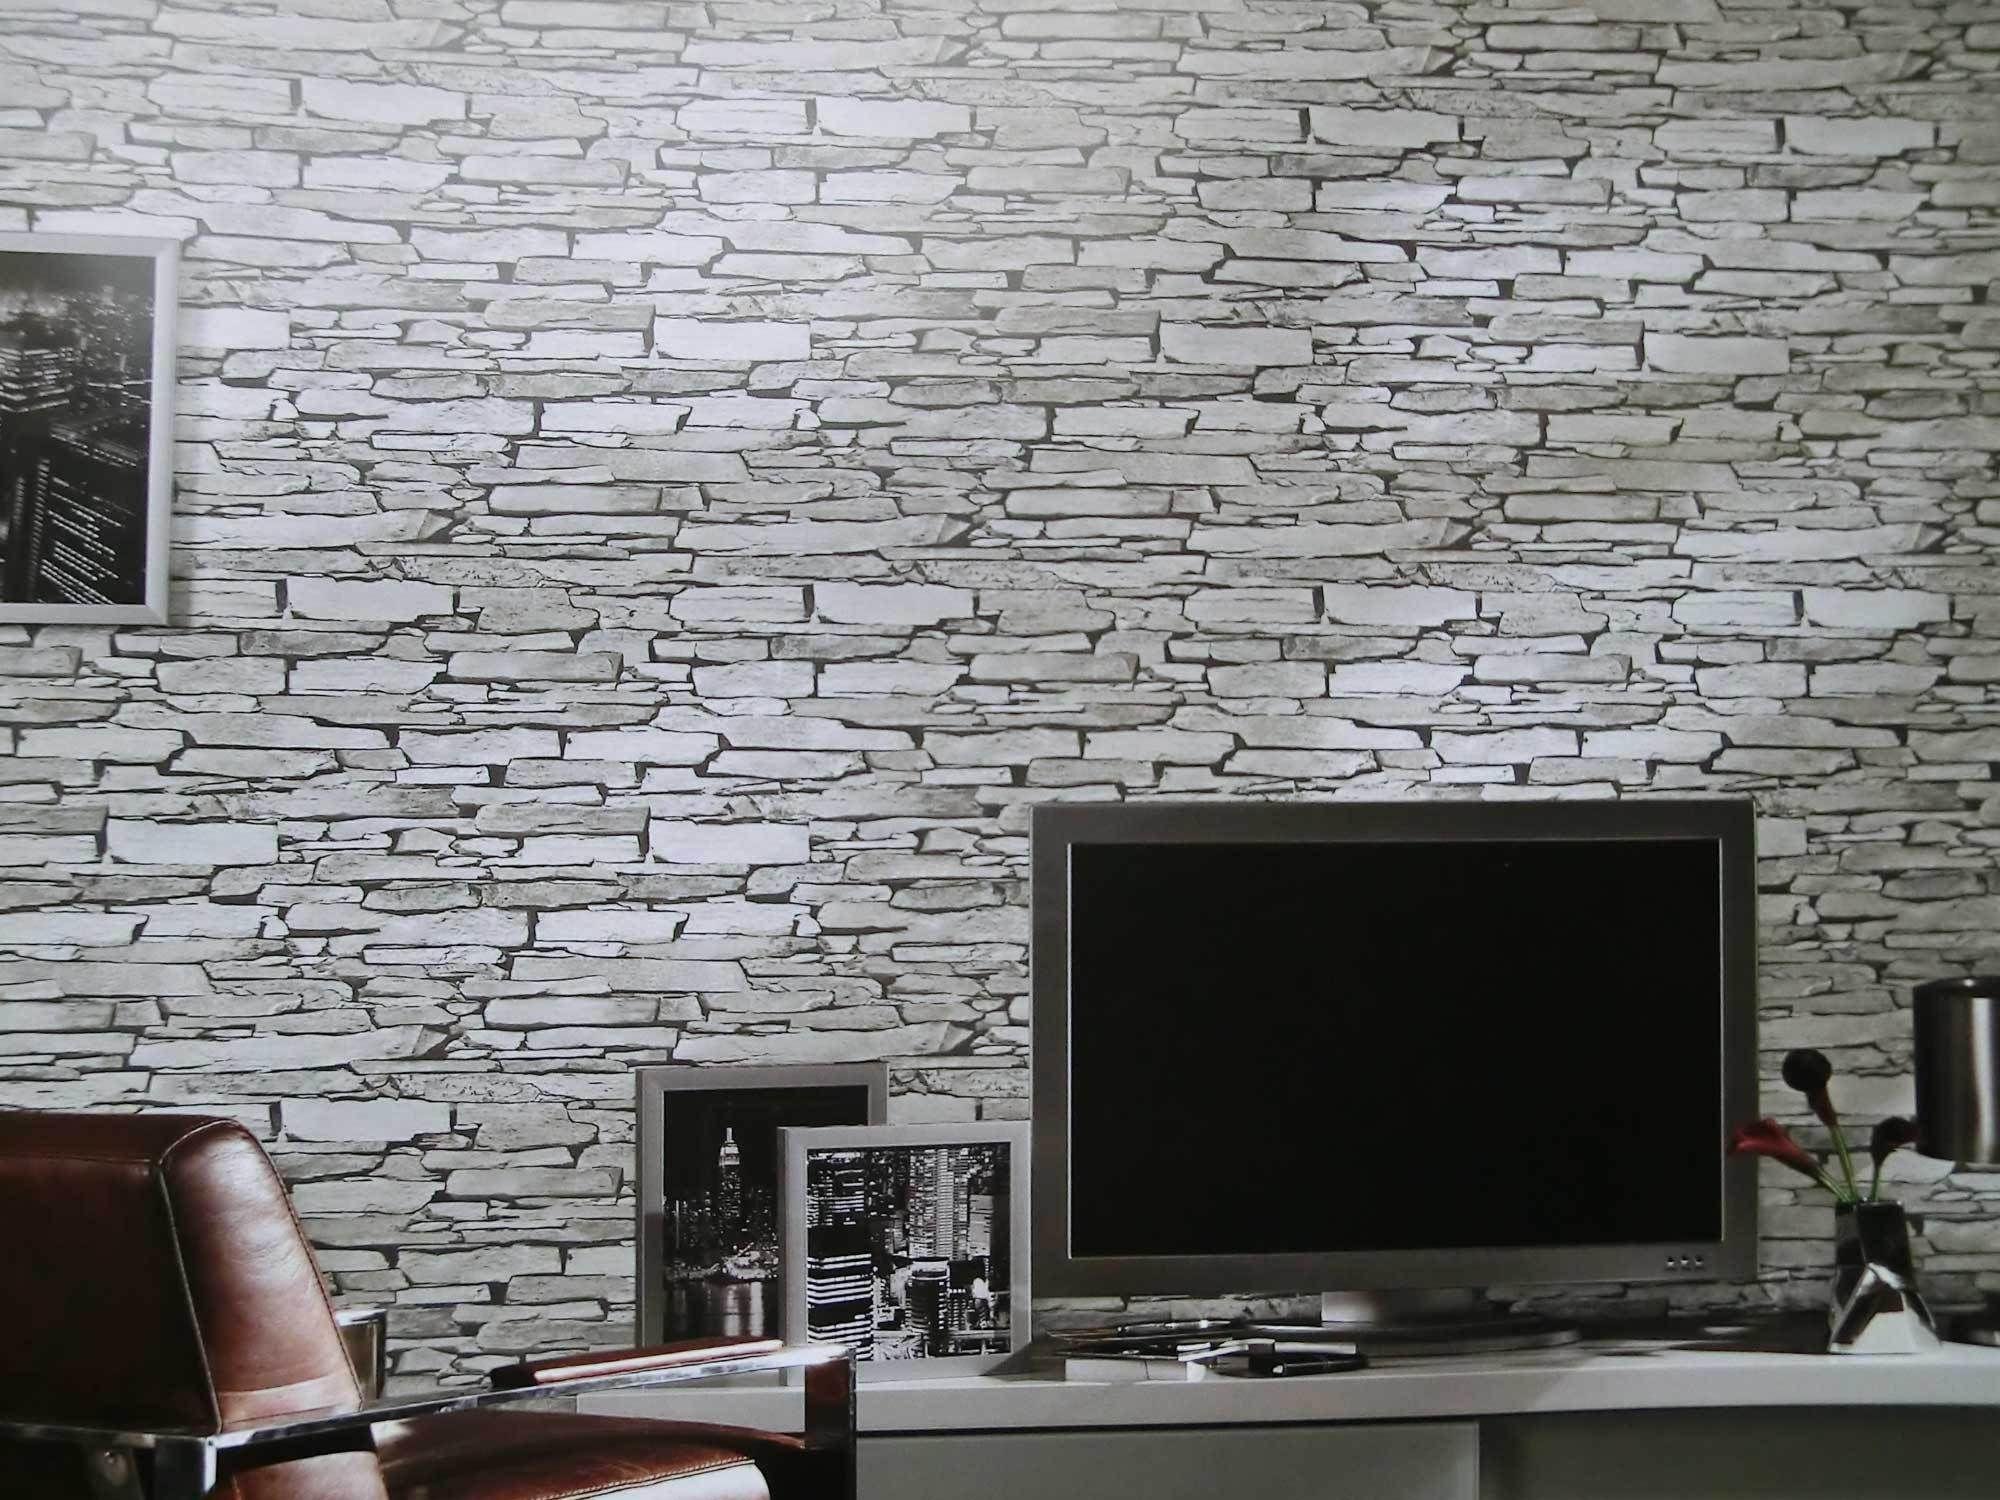 Stein Tapete Wohnzimmer Grau - Boisholz | einrichtung | Pinterest ...